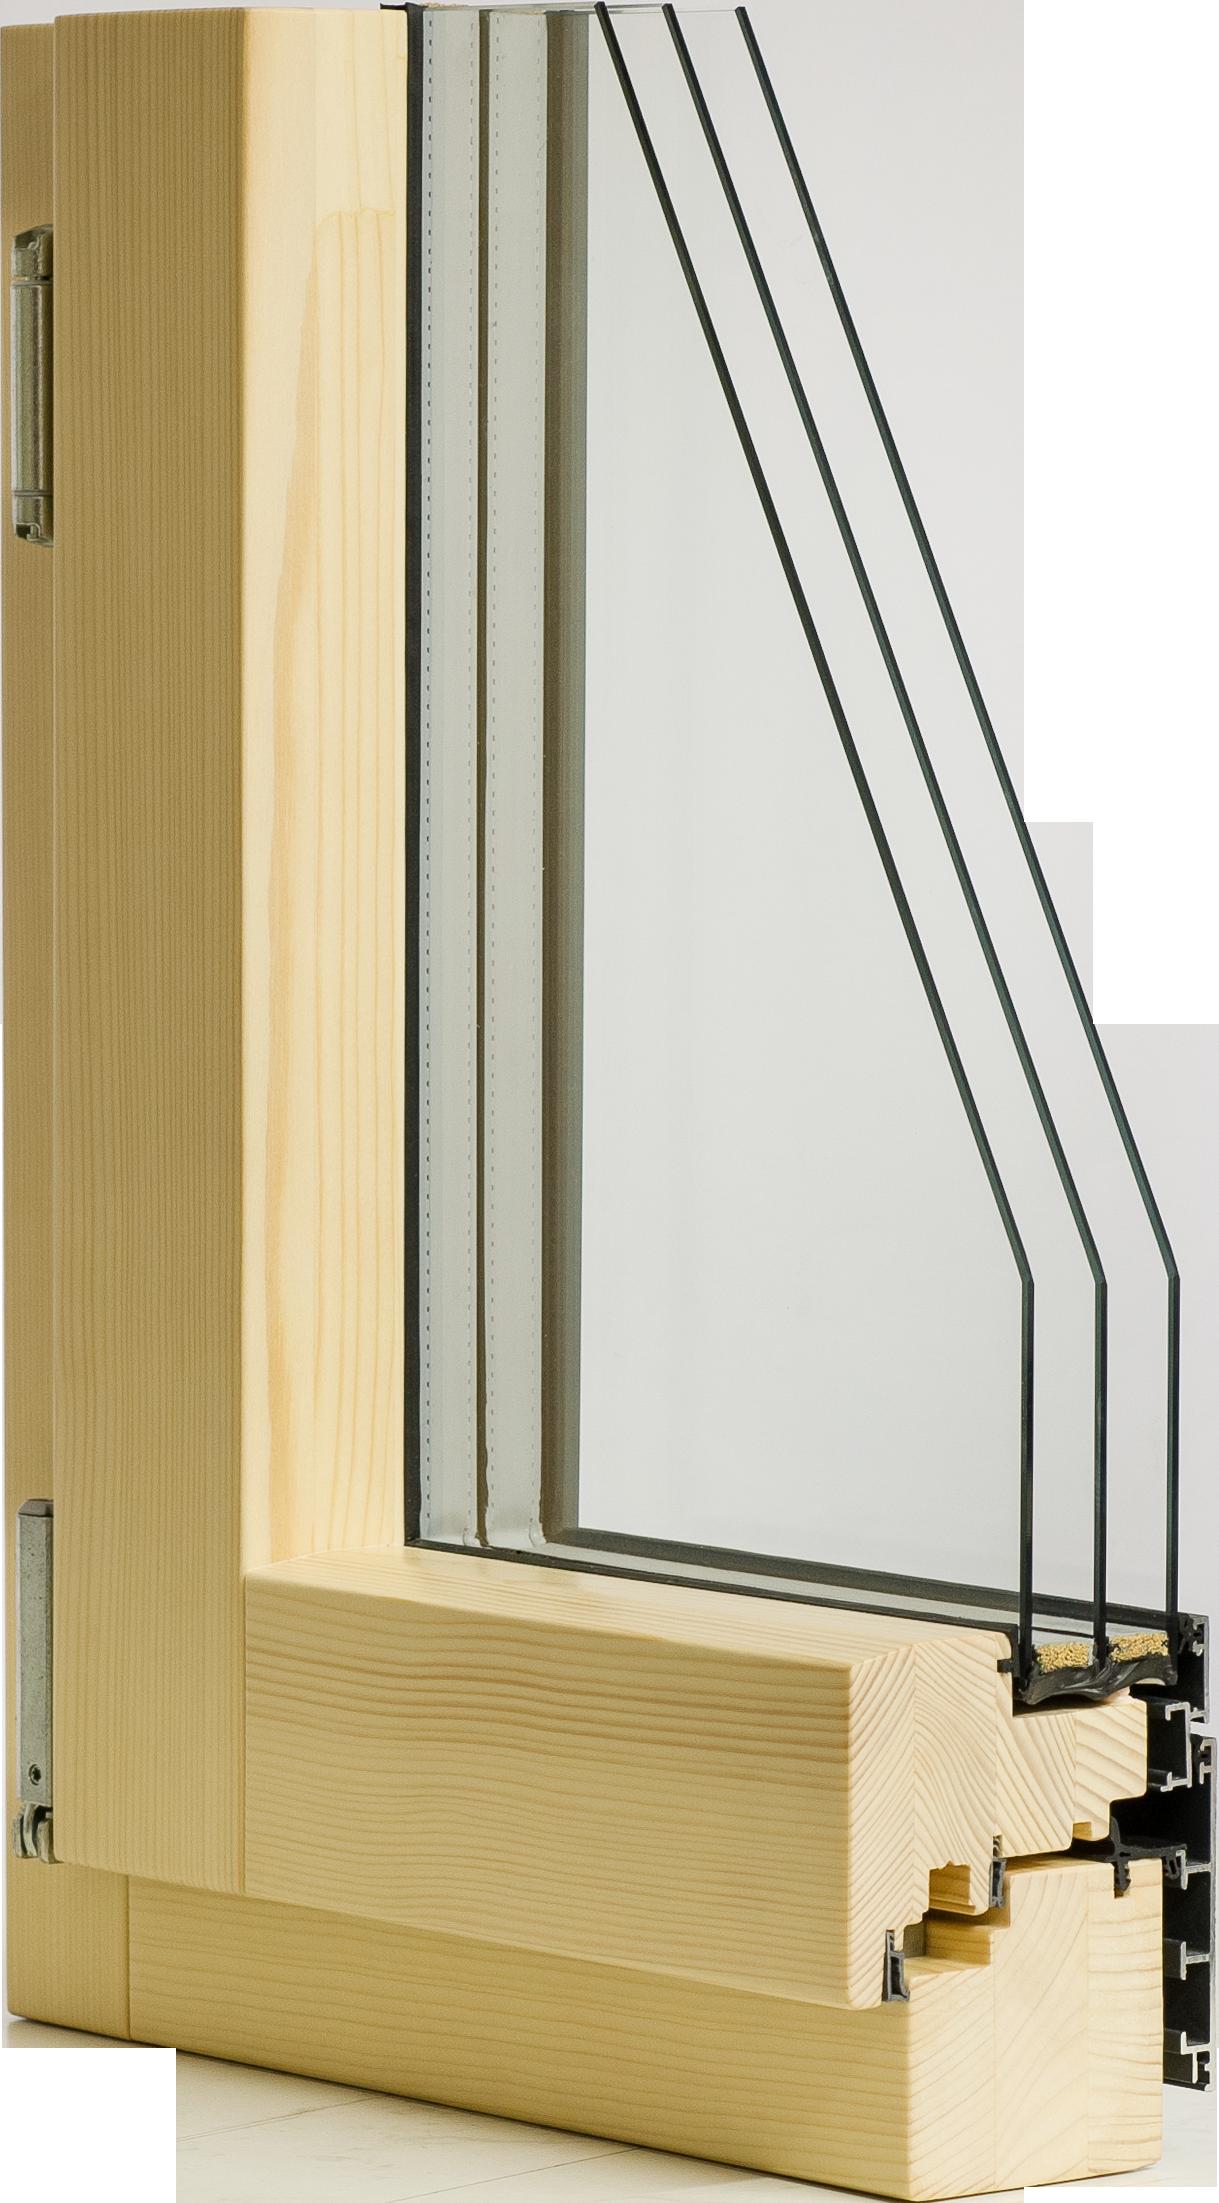 Full Size of Holz Alu Fenster Mit 3 Fach Verglasung Auen Flchenbndig Sichtschutzfolie Für Insektenschutz Bad Unterschrank Massivholz Schlafzimmer Waschtisch Schüko Fenster Holz Alu Fenster